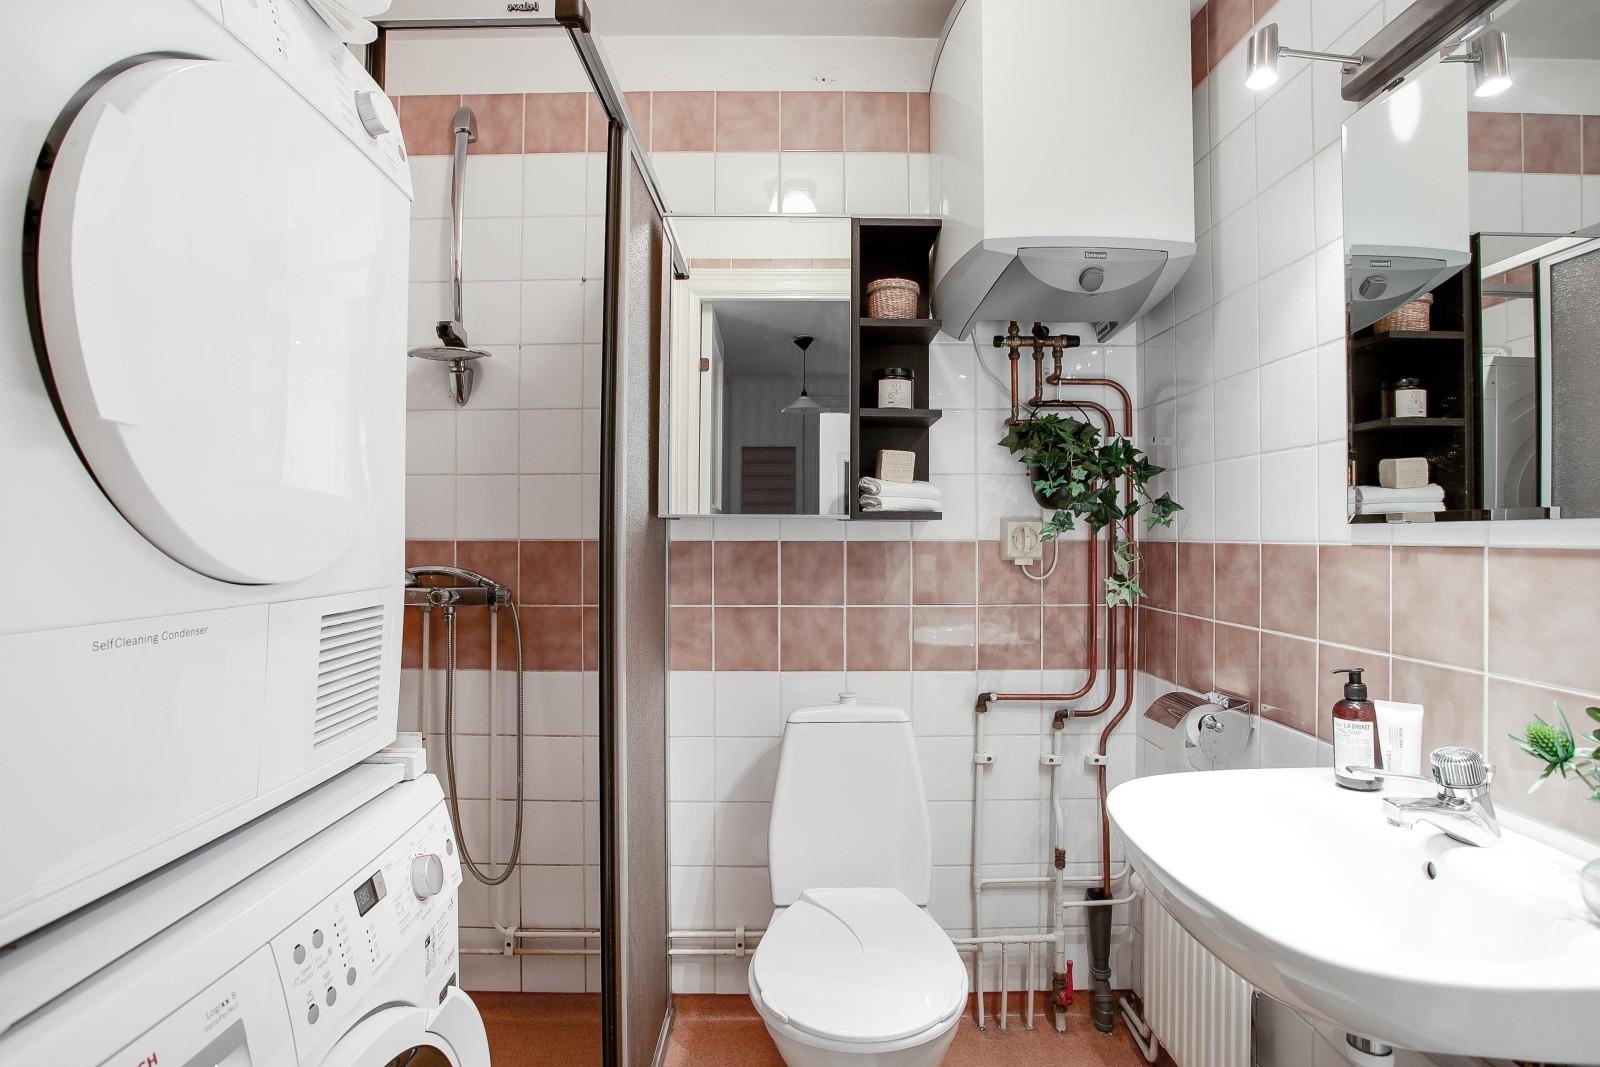 Dusch och tvätt..